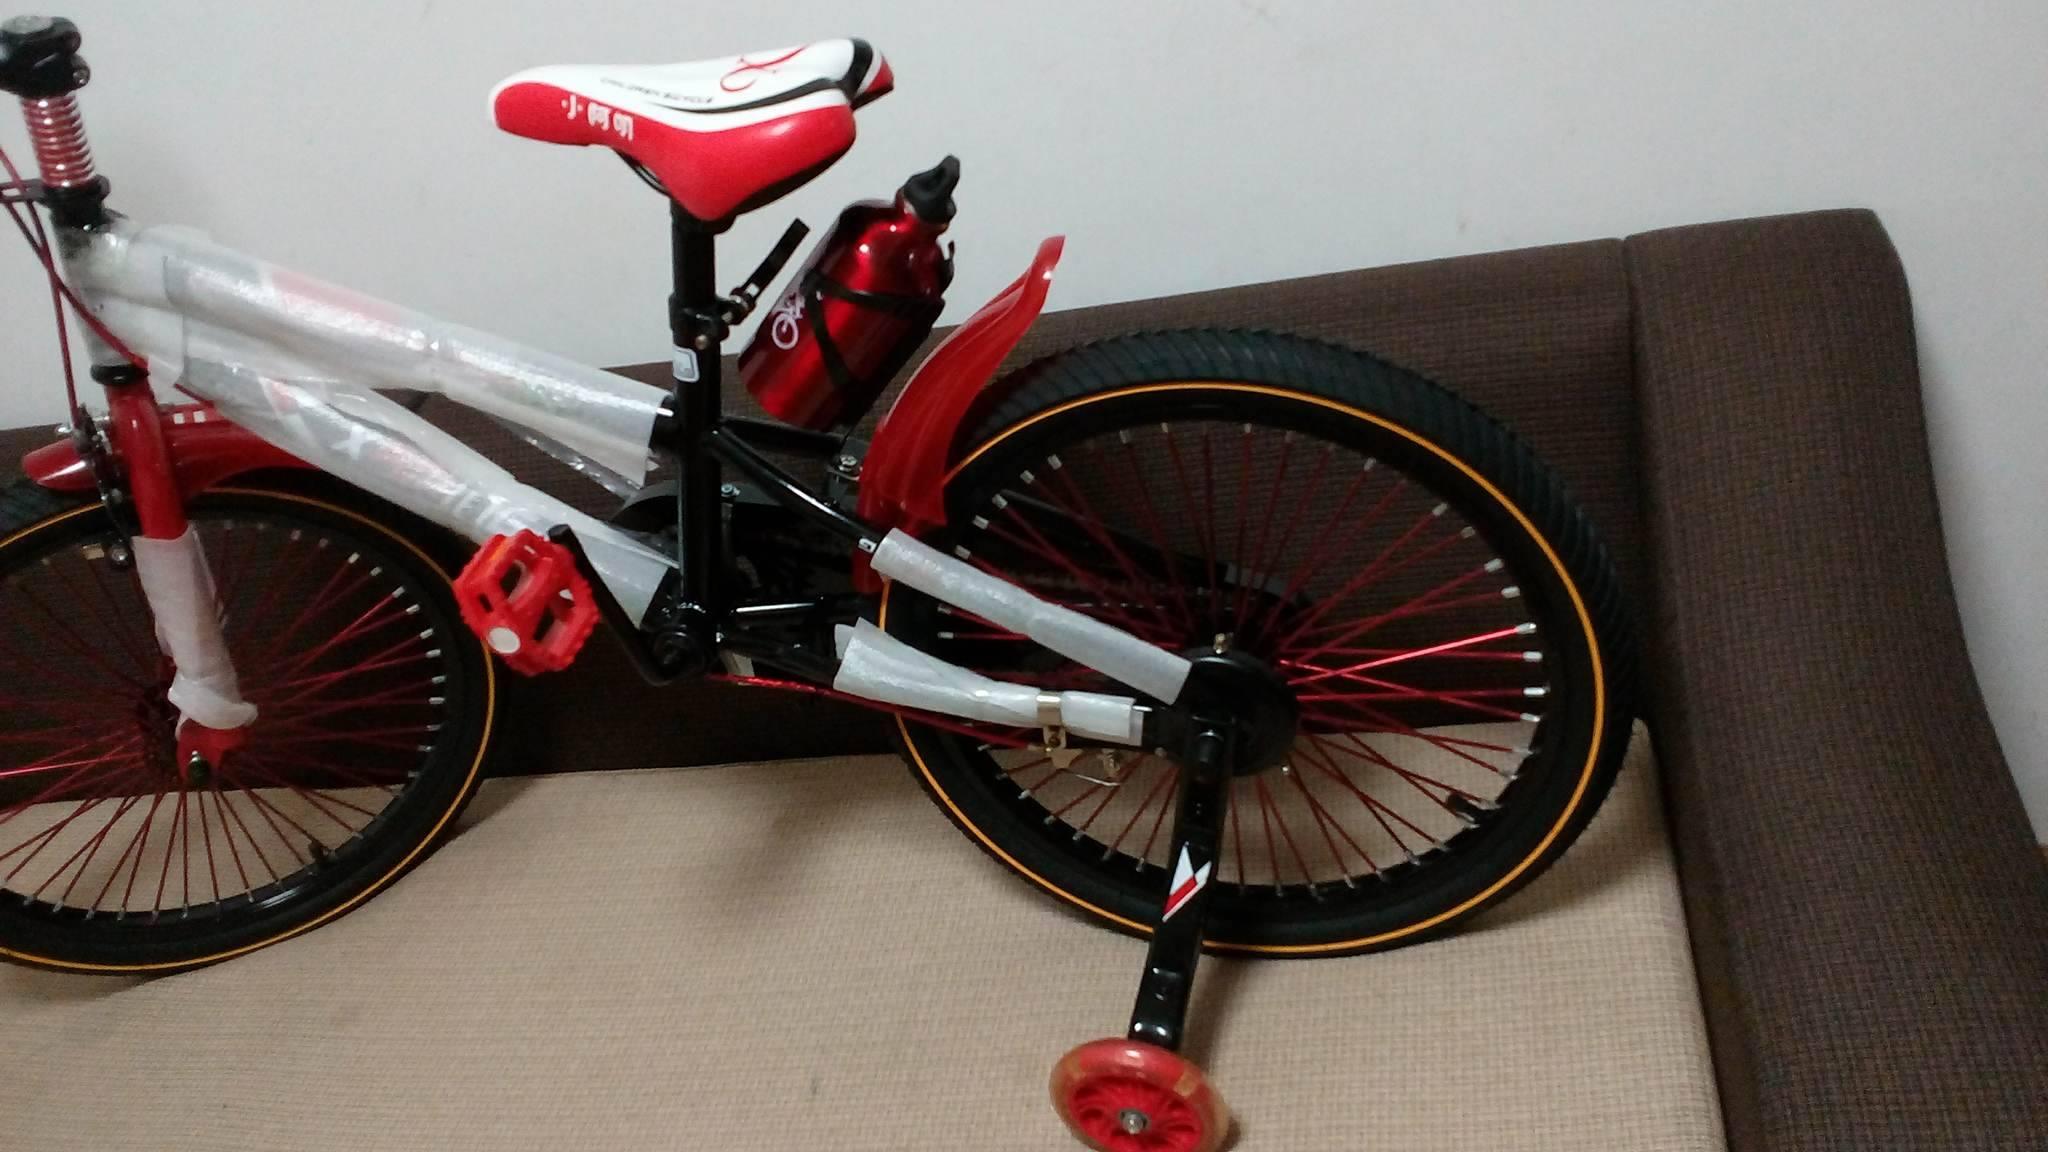 Xe đạp trẻ em cho bé 6, 7, 8, 9, 10, 11, 12 tuổi màu đỏ cỡ 20 Xiaoaming bánh phía sau, bánh phụ, bình nước